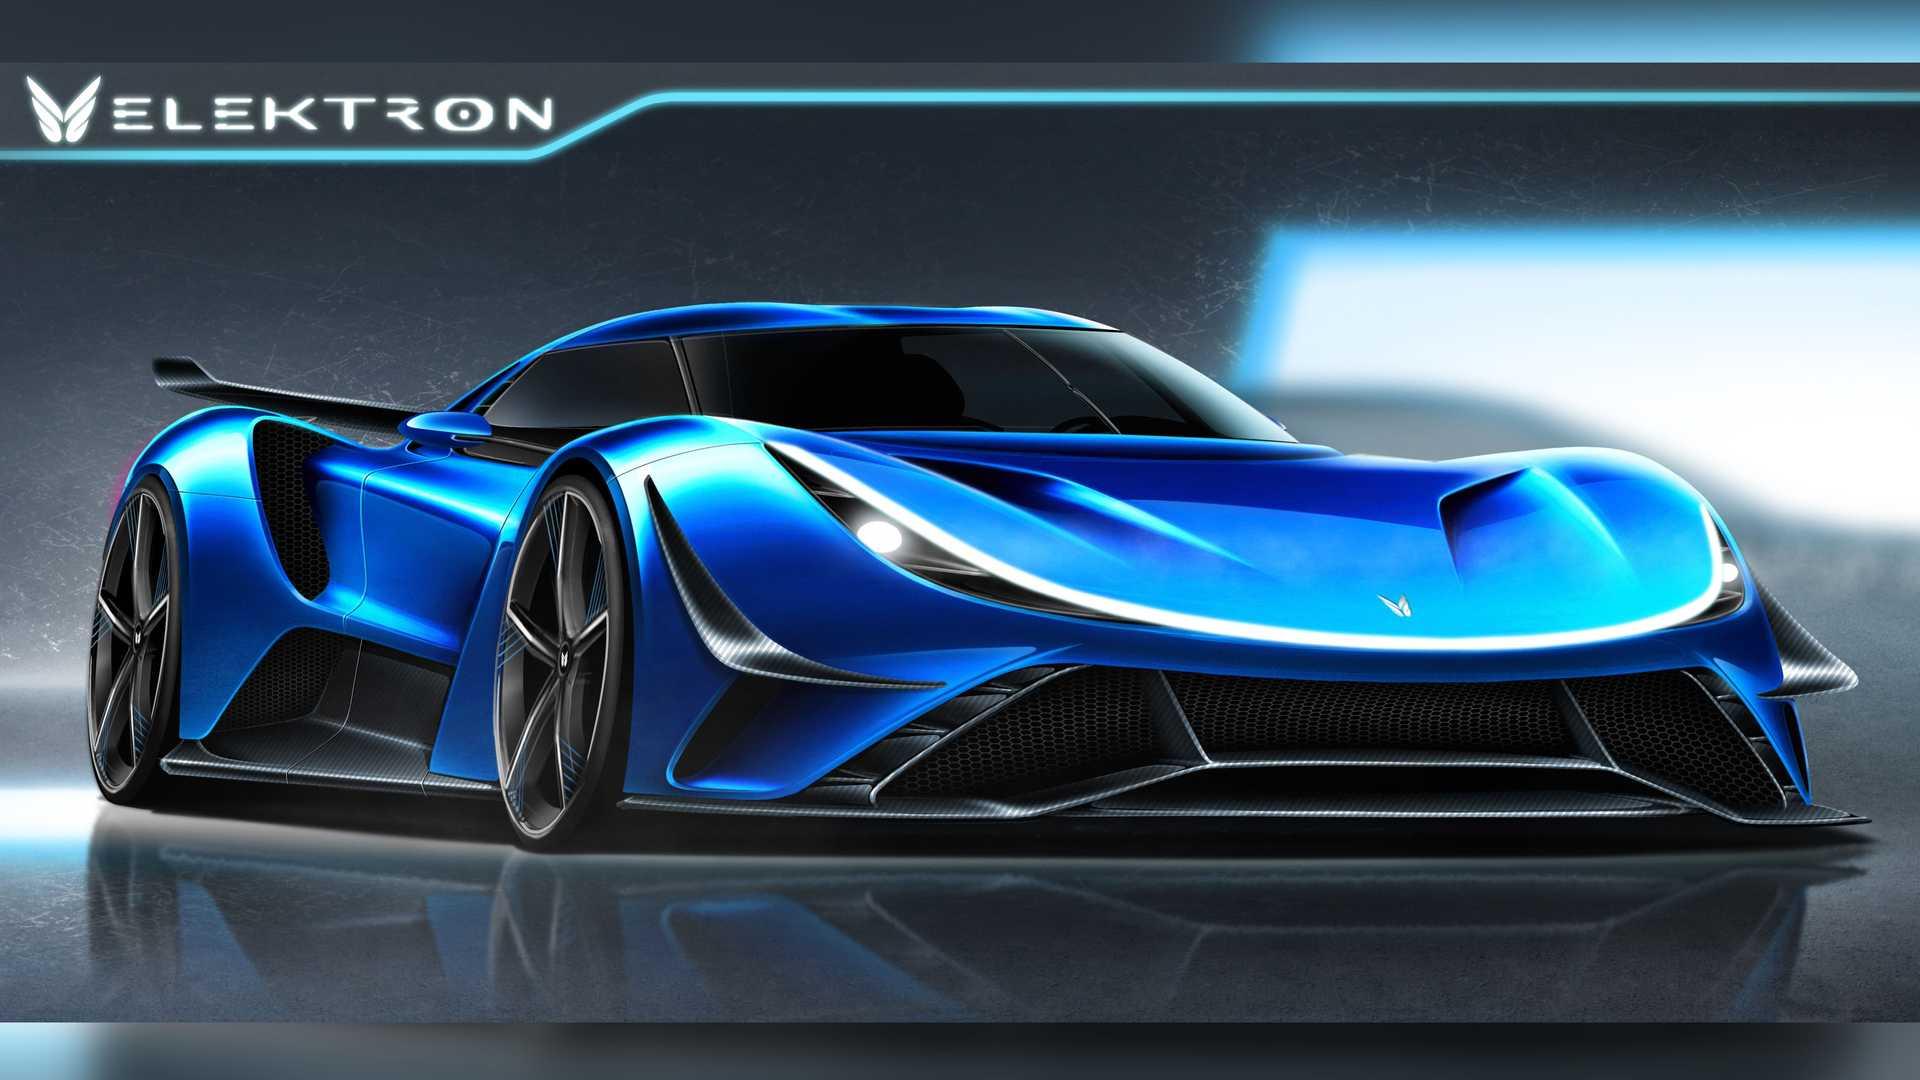 صفر تا صد فقط 1.65 ثانیه؛ 2300 اسب بخار برقی در سینه ابر خودرو آلمانی الکترون کواسار